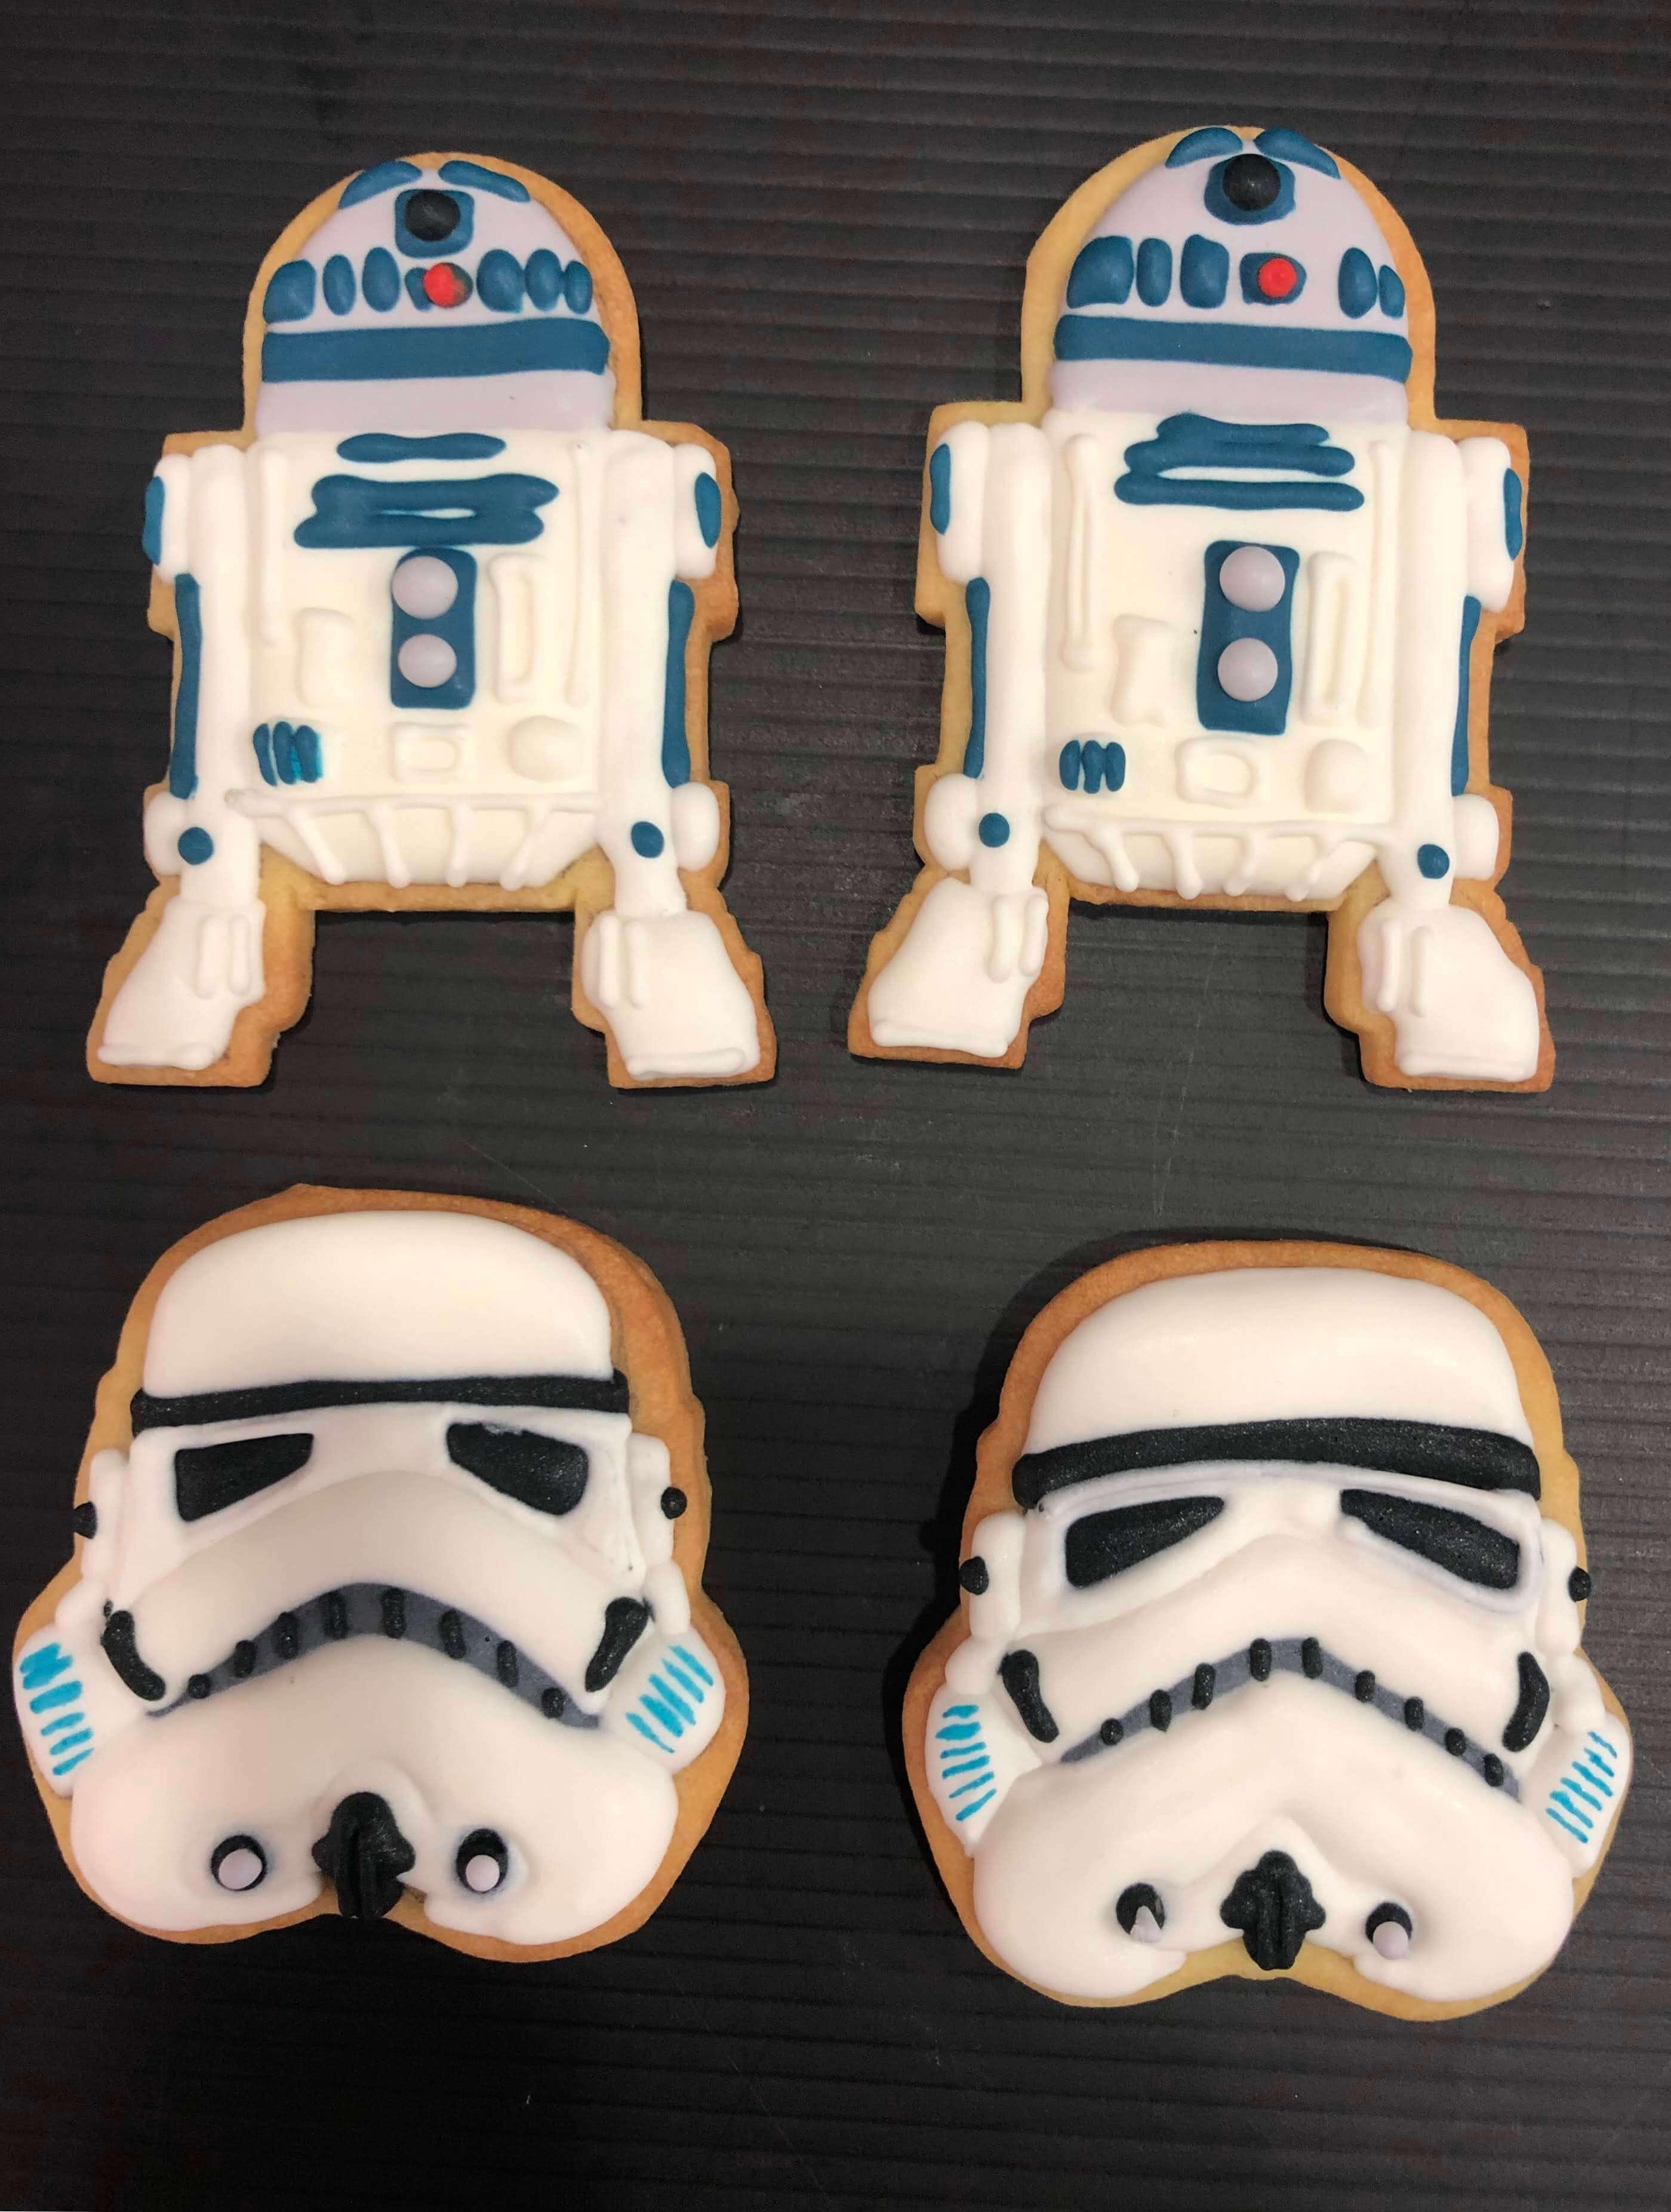 galletas decoradas soldado imperial R2D2 Star Wars cumpleaños decoradas coruña BB8 Darth Vader